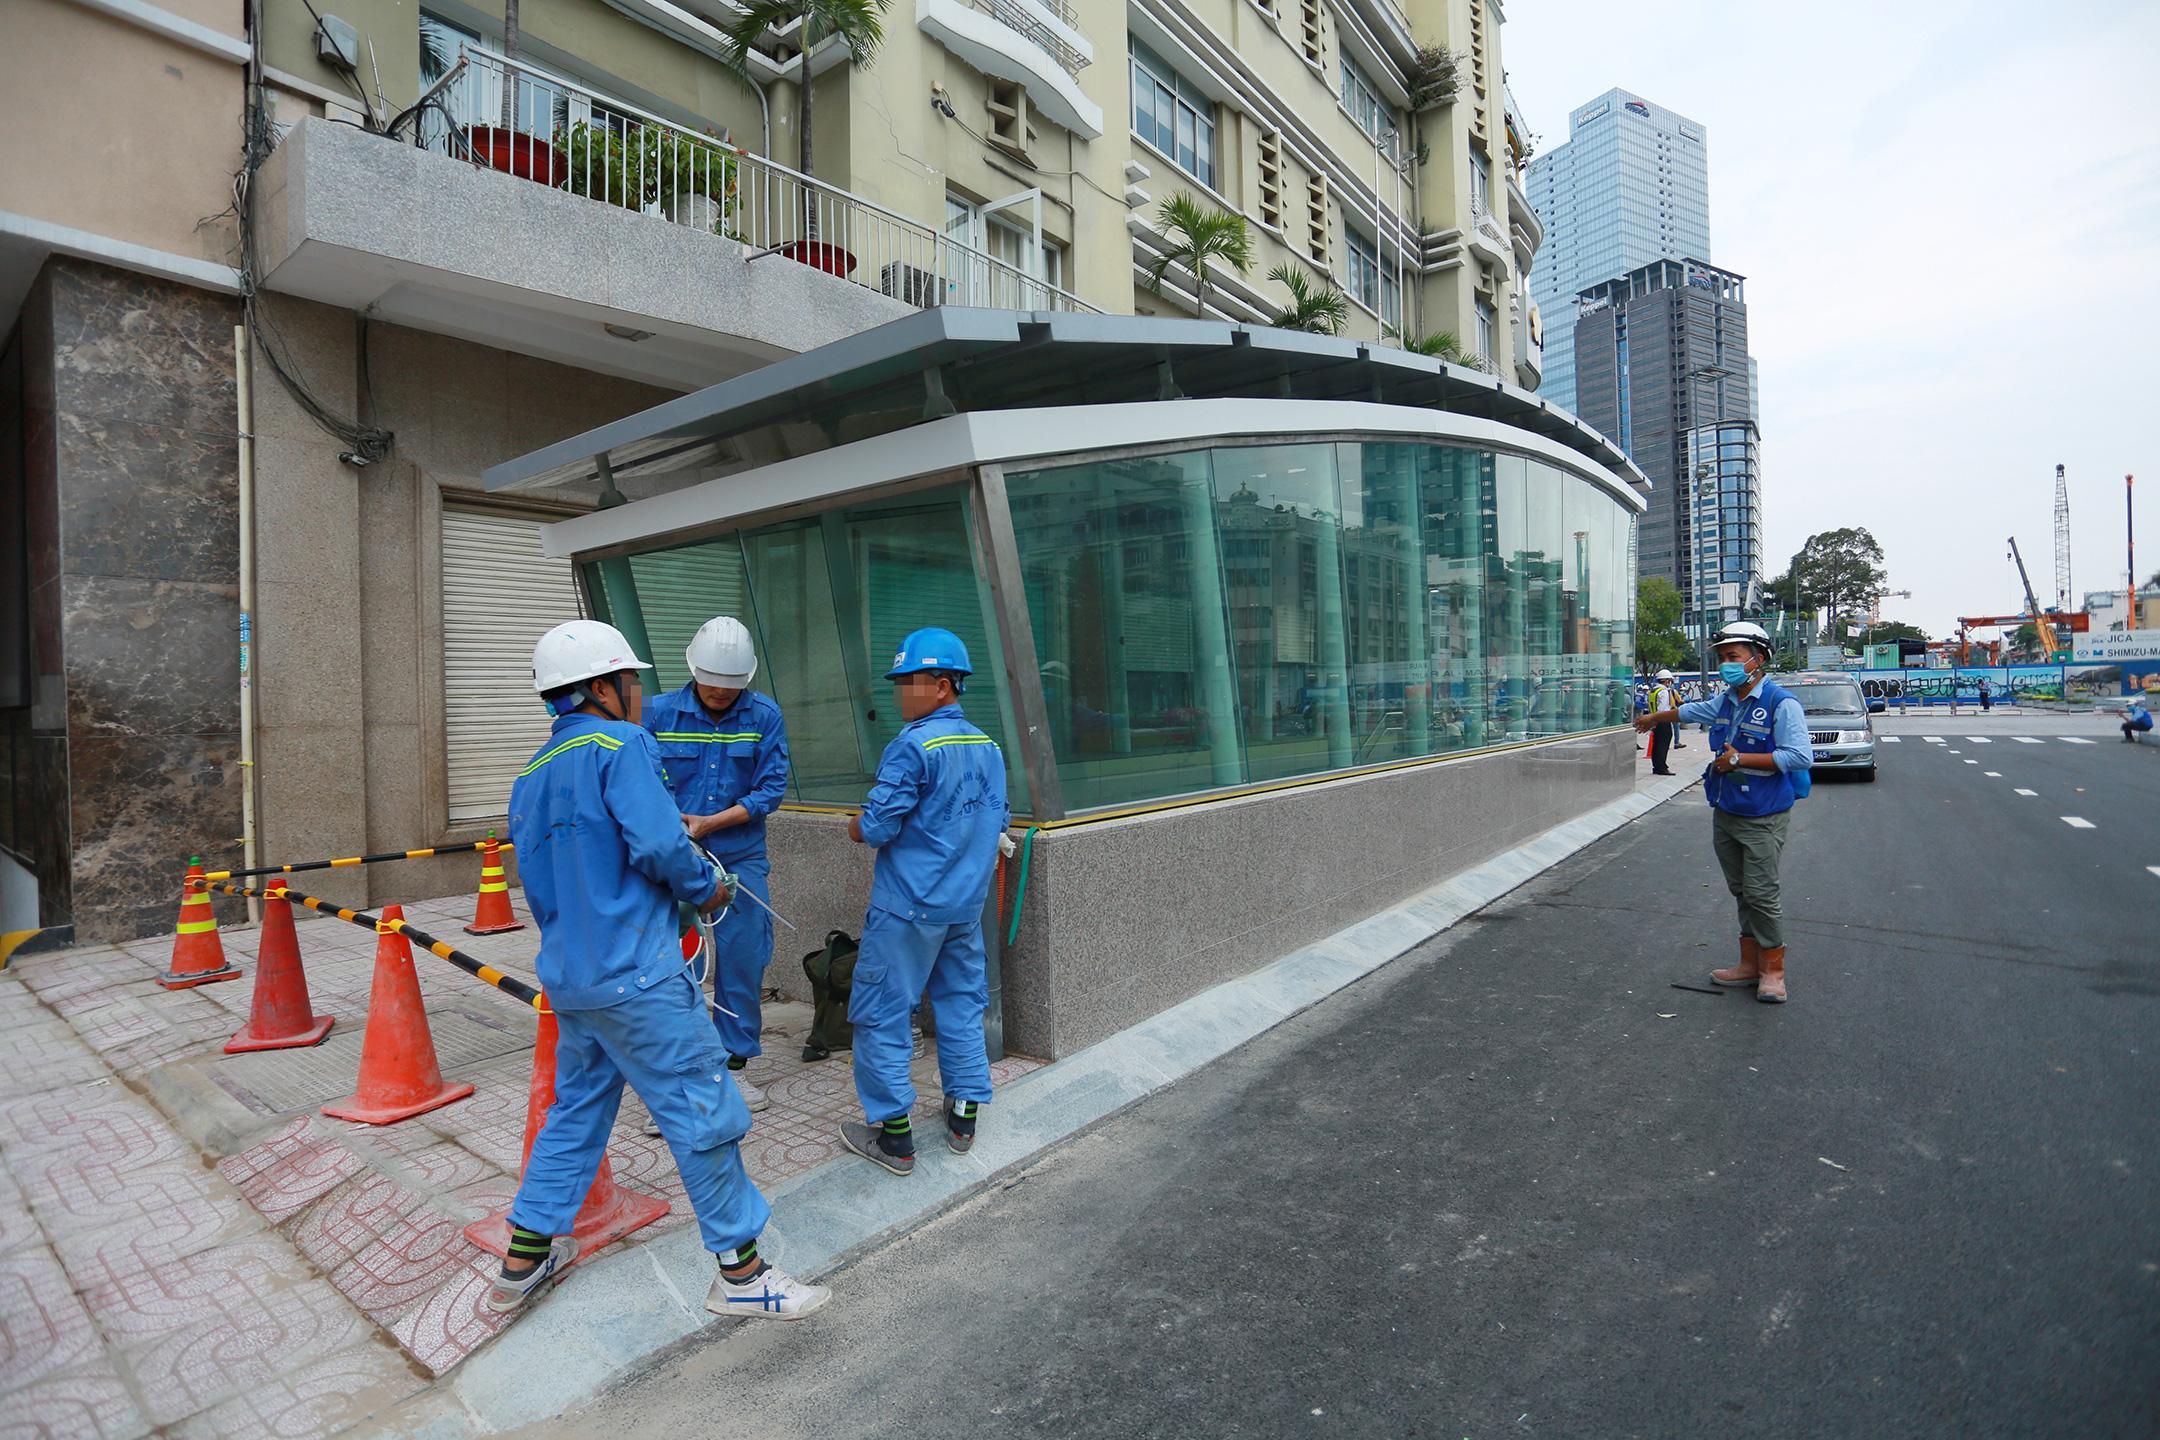 Ga ngầm 4 tầng đầu tiên của Metro TP.HCM sắp hoàn thiện, nằm sát bên Nhà hát thành phố - Ảnh 2.